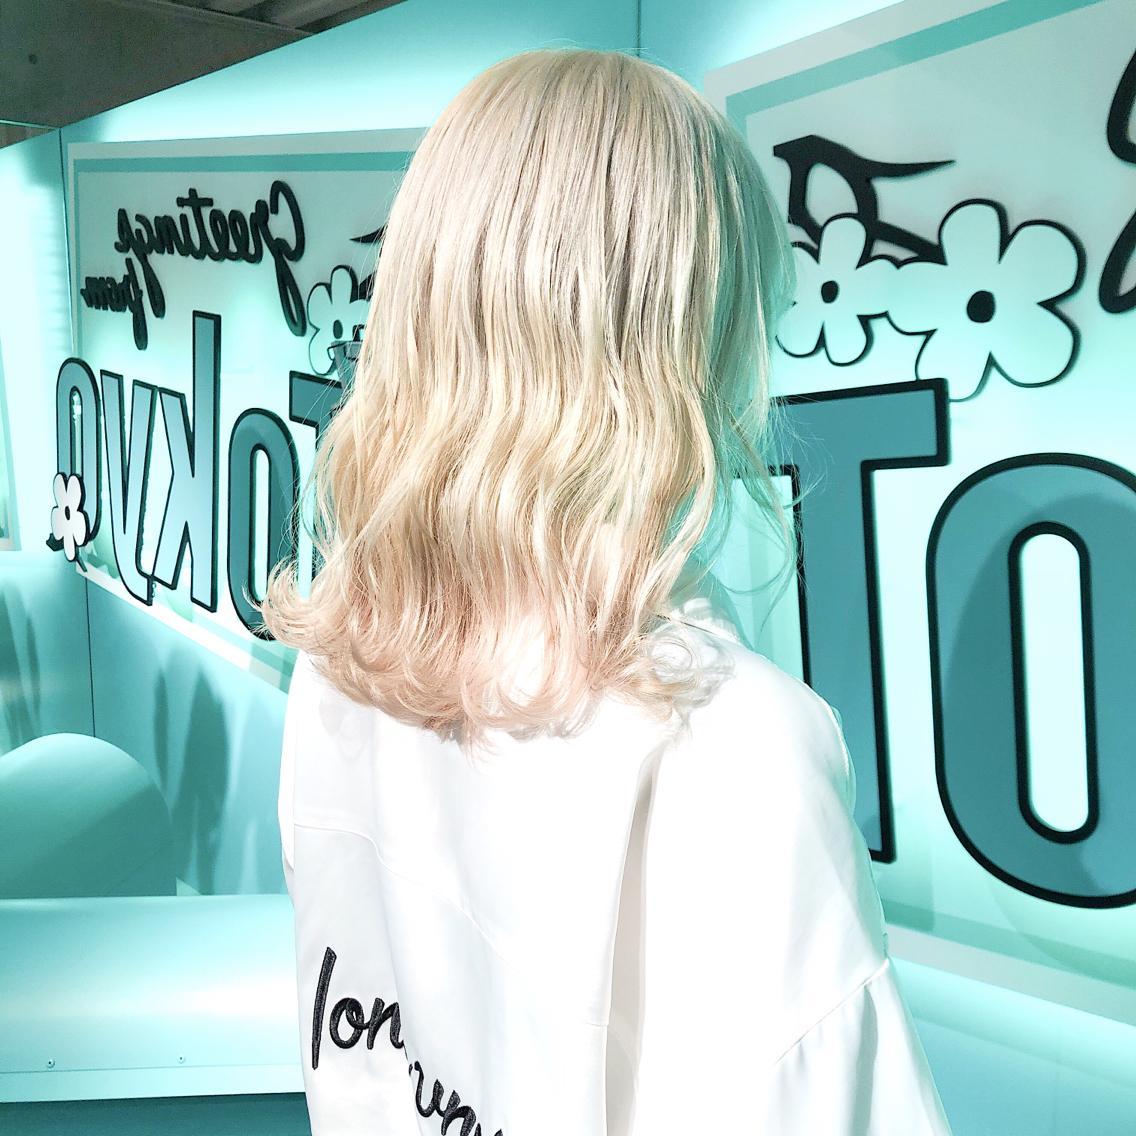 #ショート #カラー ・White blonde・ ✳︎10800円〜✳︎ ✳︎minaでブリーチ3〜5回出来れば綺麗なホワイトヘアを作れます👻 ✳︎ ✳︎ダメージが強いとブリーチが出来ない場合もあるのでご了承ください ✳︎ムラシャンはエンシェールズのシャンプーを薄めて使うのがオススメ🧖🏻♀️ ✳︎ ✳︎黒染めや縮毛、デジパをしていなくてダメージがひどくなければおおよそ4〜5回ブリーチで出来ます🦄✳︎ 最後まで可愛く仕上げます🇰🇷 ✳︎ お店の近くにあるティファニーカフェで映えな写真もプレゼントします🦄 ✳︎ ✳︎黒染め履歴、ダメージが強い方はでホワイトにはならないです💦  #原宿#ハイトーンカラー#シルバーカラー#ヘアカラー#ネイビーカラー#ホワイトカラー#ブロンドヘアー#アッシュ#ケアブリーチ#ブロンドカラー#派手髪#ラベンダーカラー#ミルクティーカラー#アッシュ#ミルクティーベージュ#ブルージュ#グレージュ#ピンクカラー#インナーカラー#ハイライトカラー#グラデーションカラー#bts#seventeen#twice ✳︎ ✳︎ ✳︎